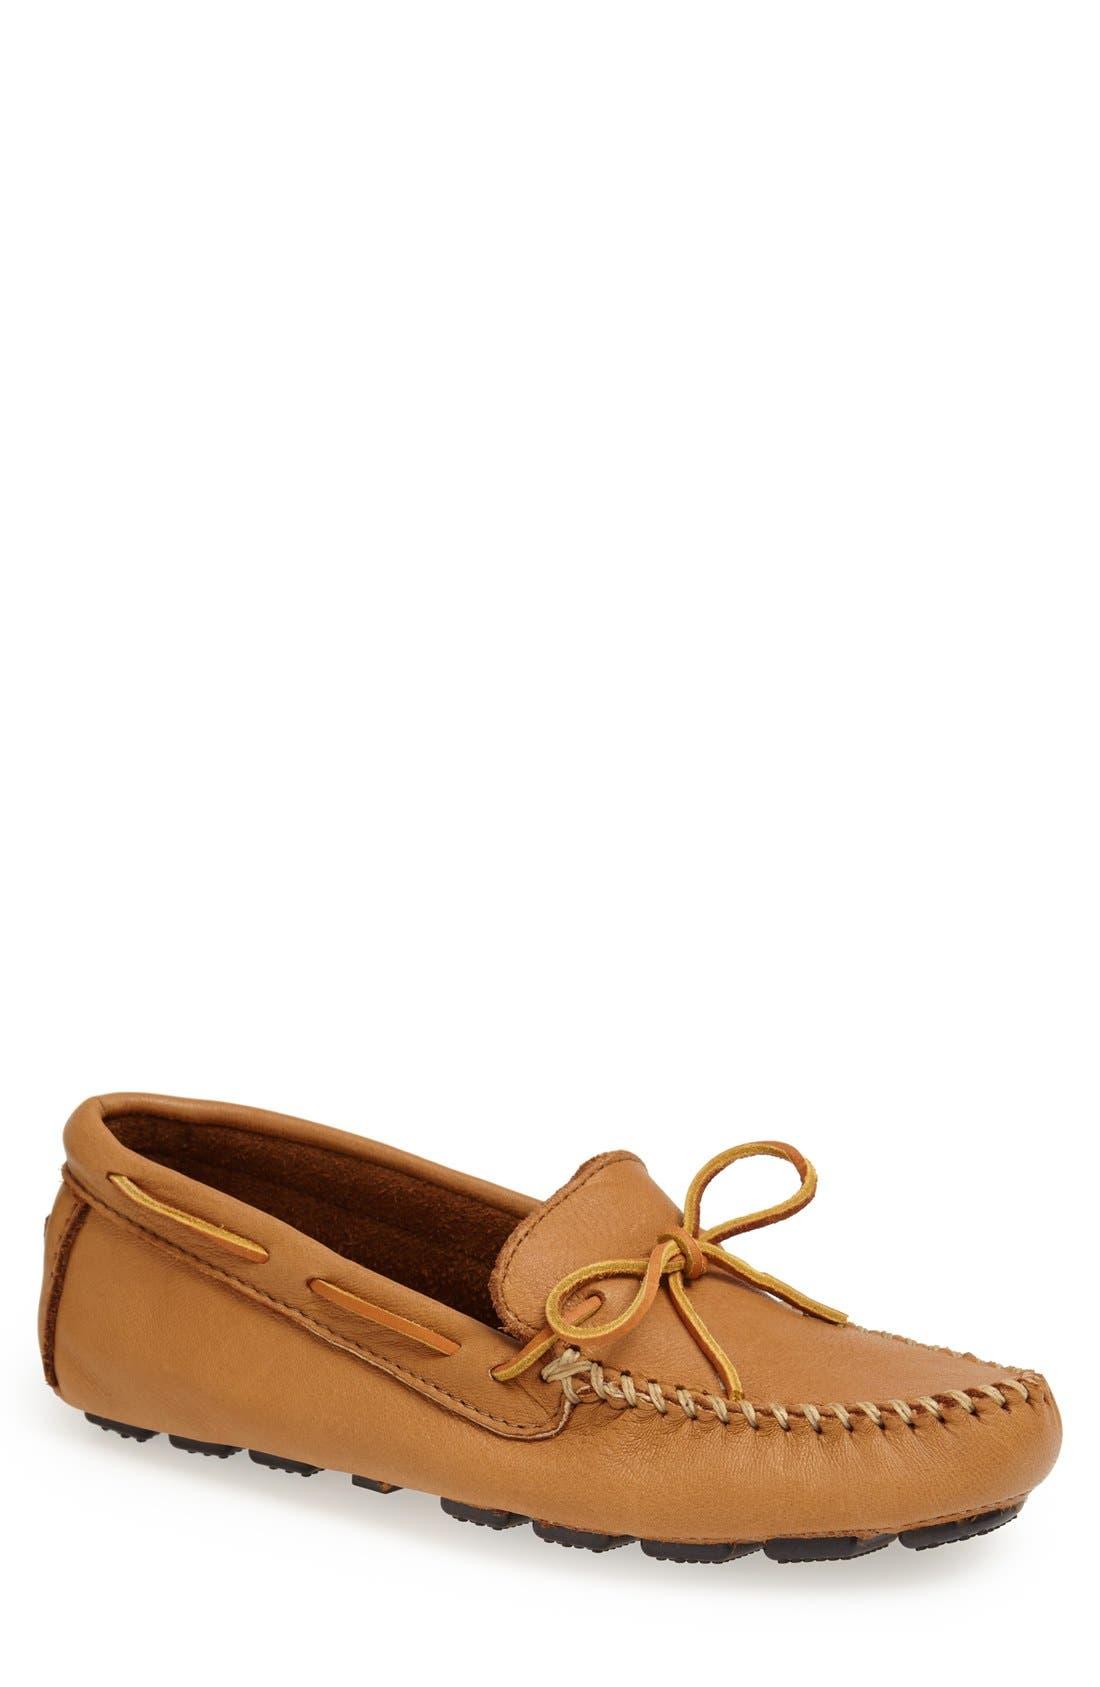 MINNETONKA Moosehide Driving Shoe, Main, color, NATURAL